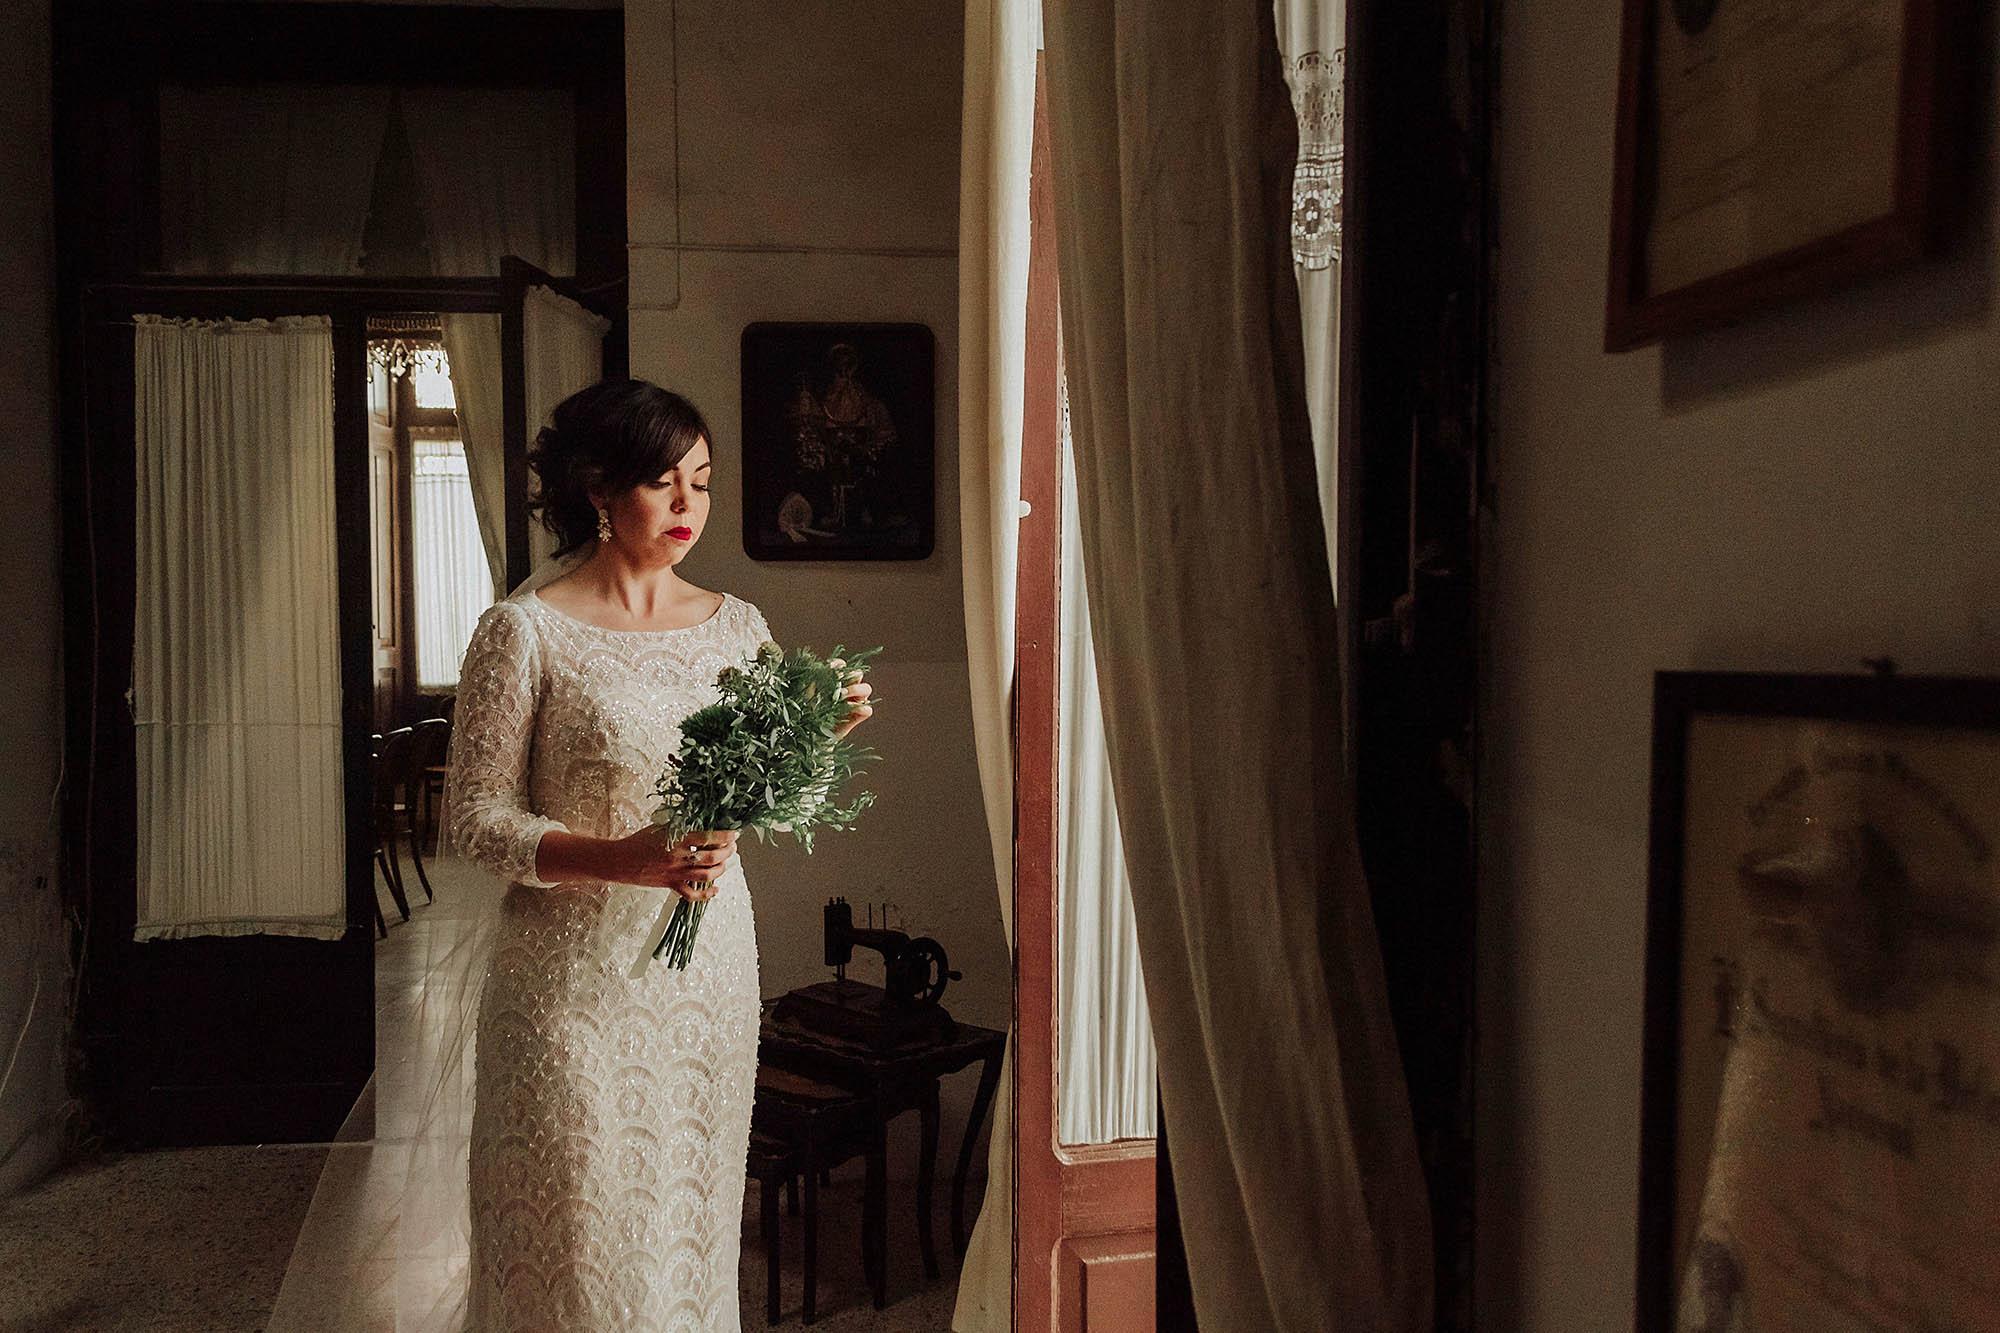 fotografia-de-boda-destino-Jimena-Mañon-Javier-Mere-68.jpg